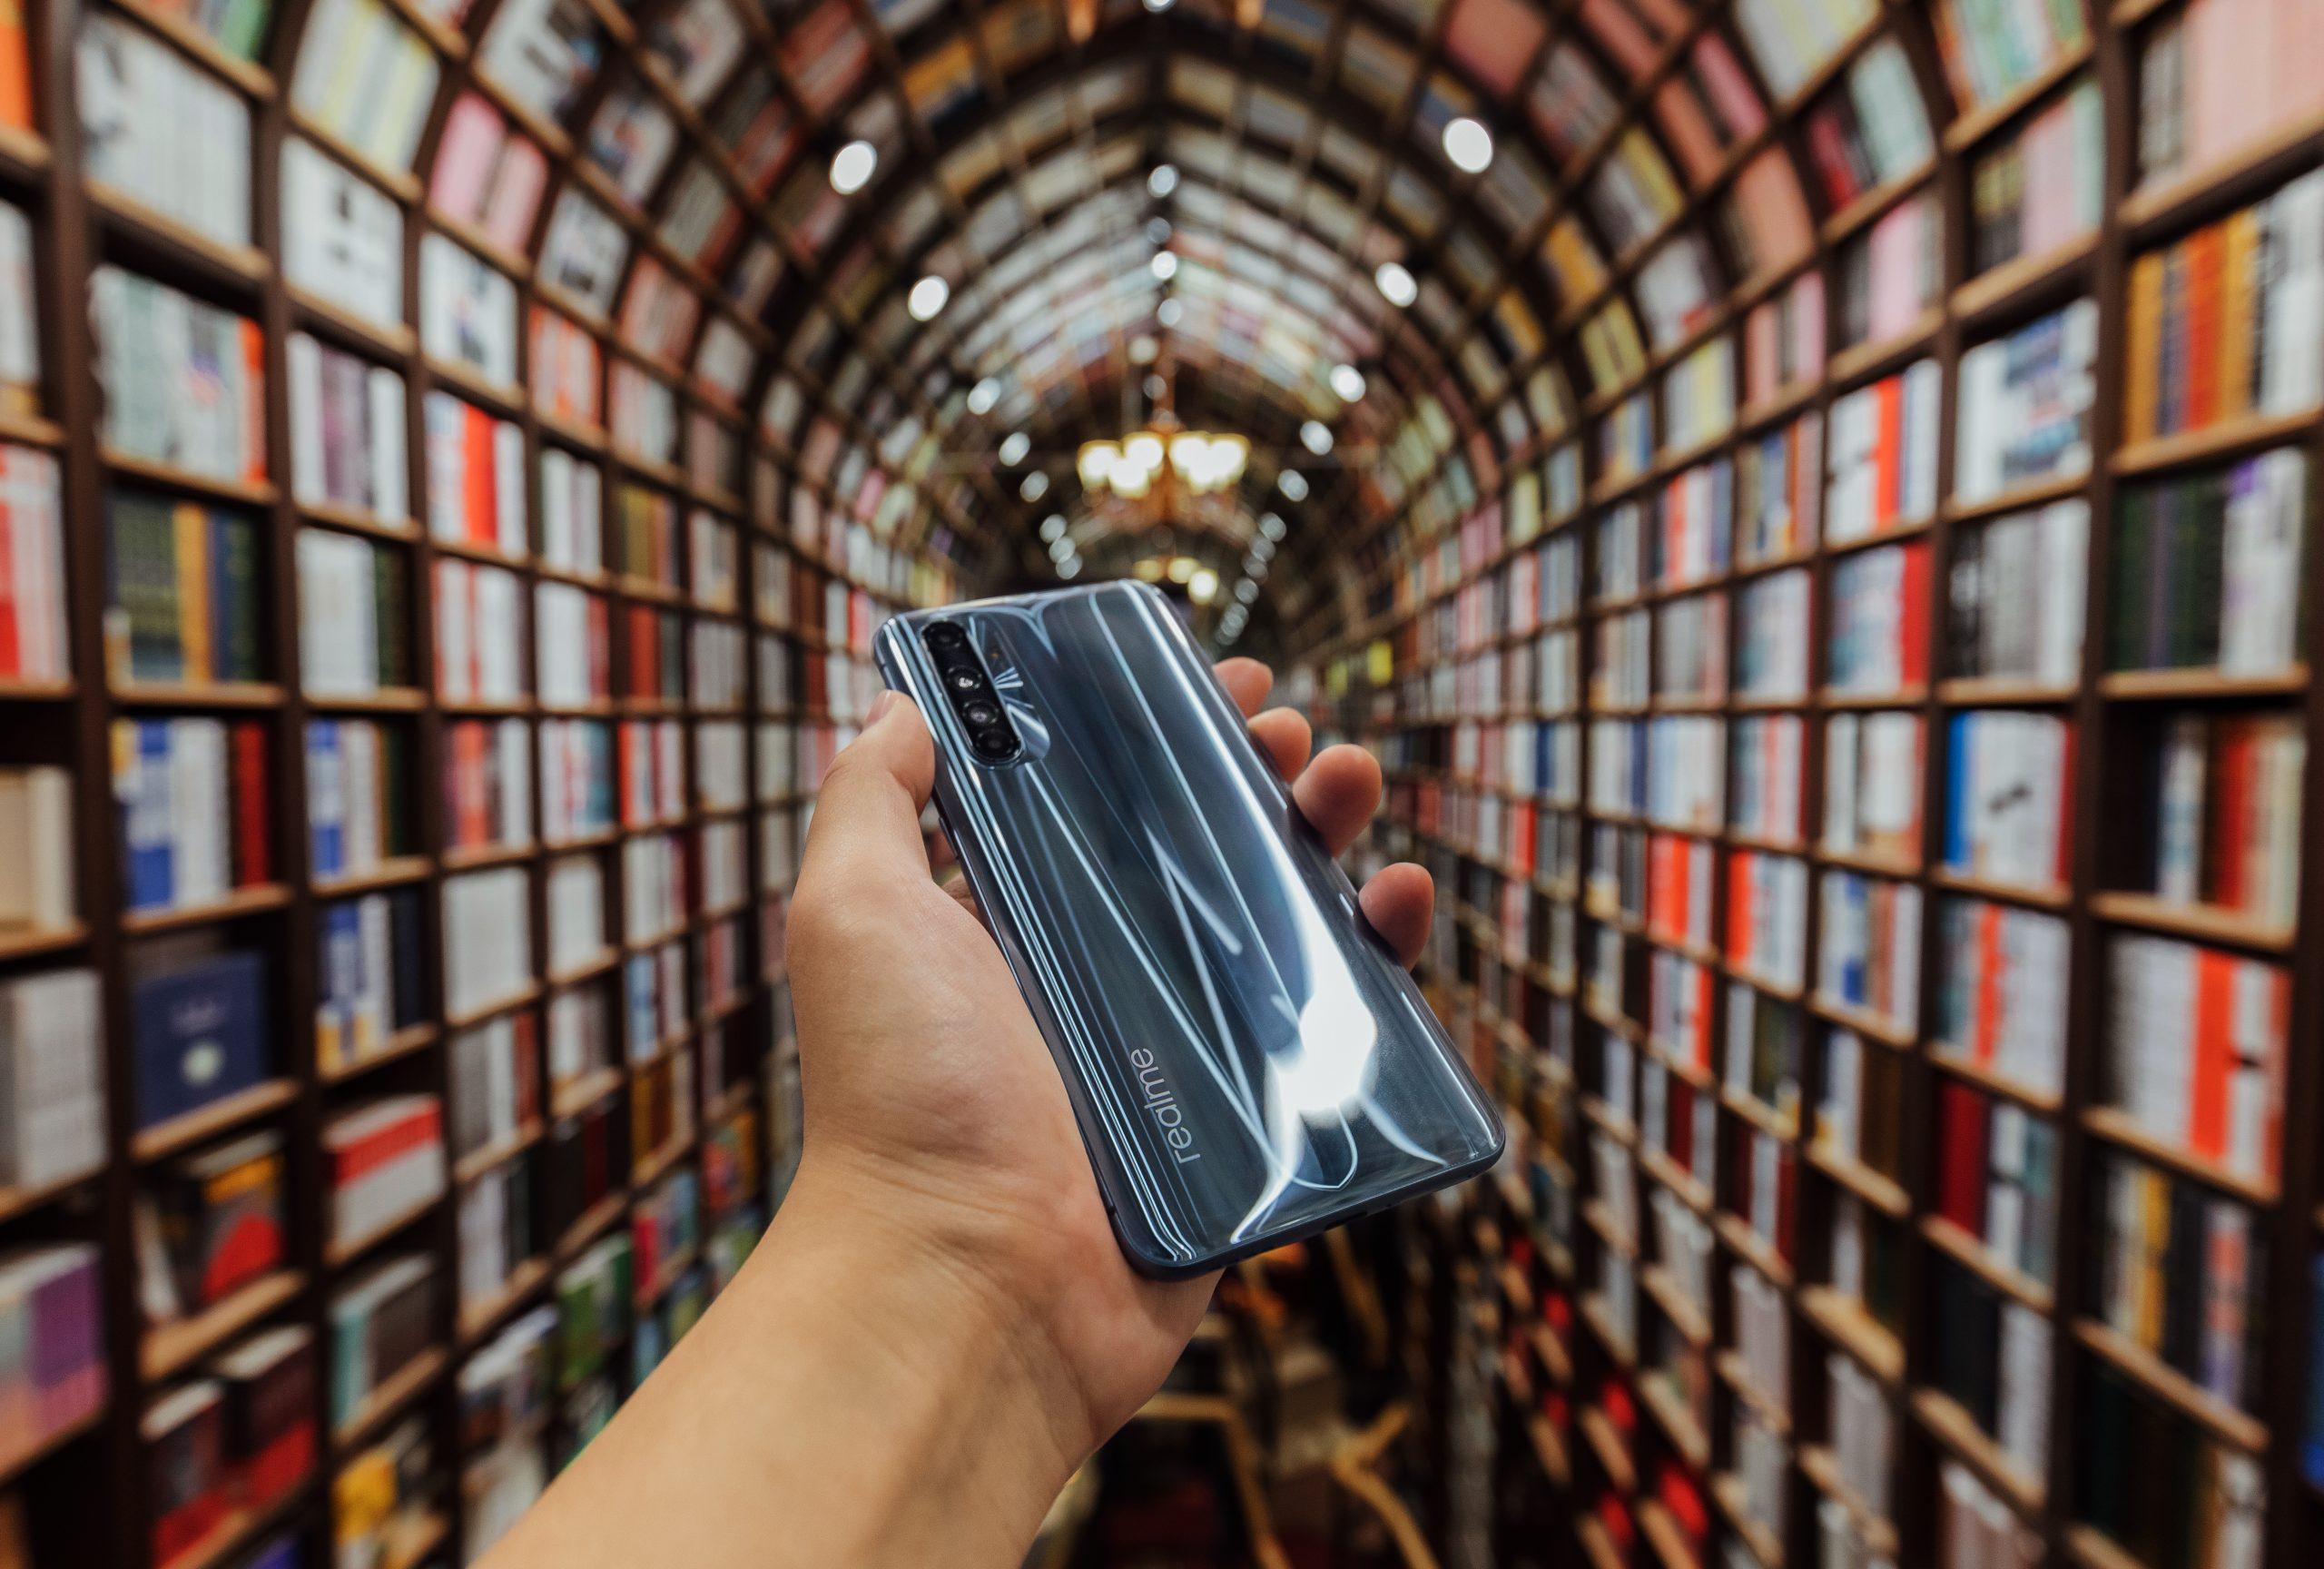 Upcoming Realme Phone